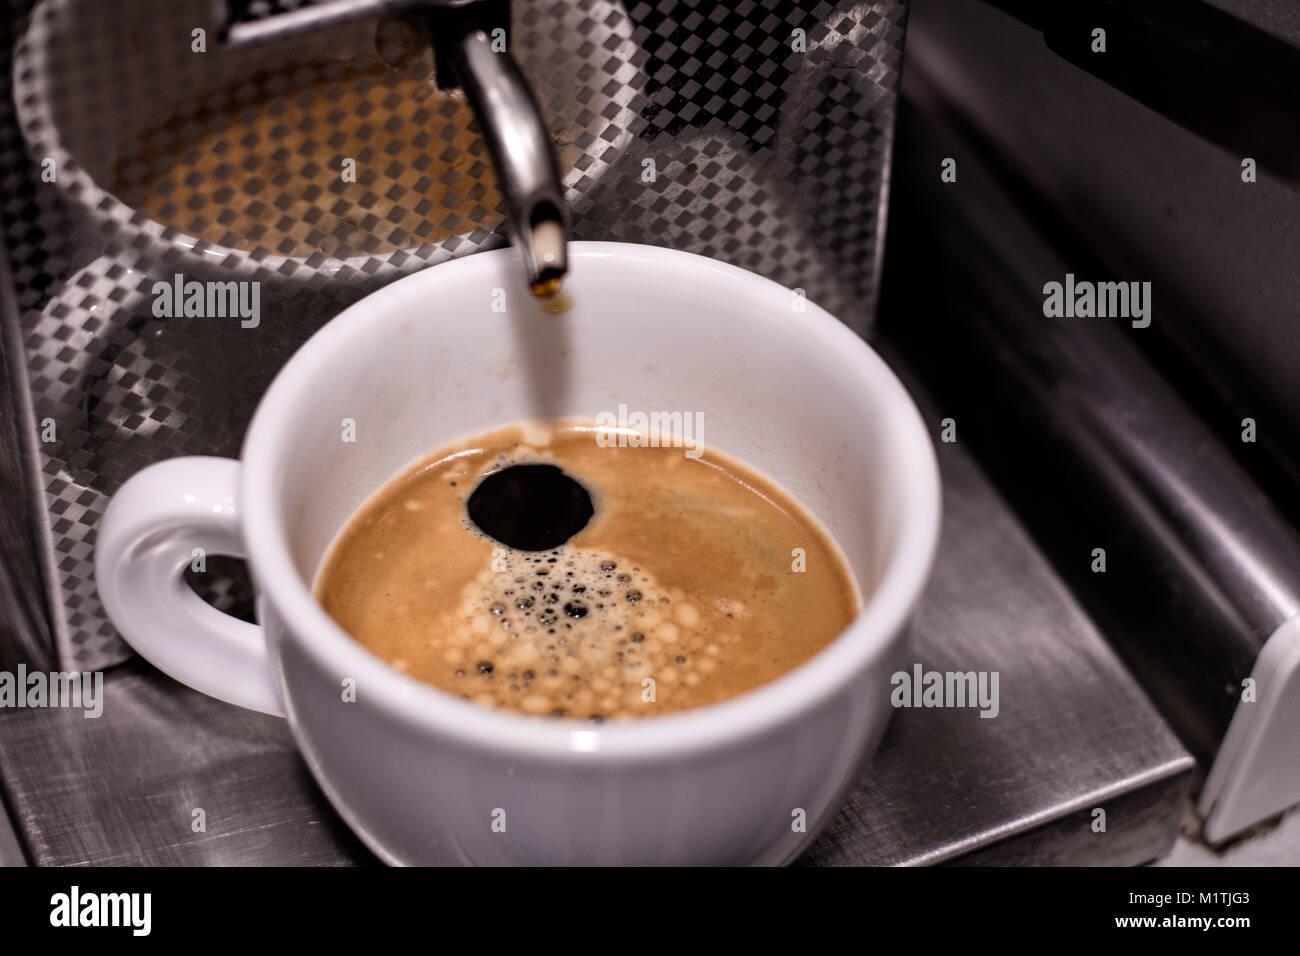 Italian espresso made with espresso machine - Stock Image